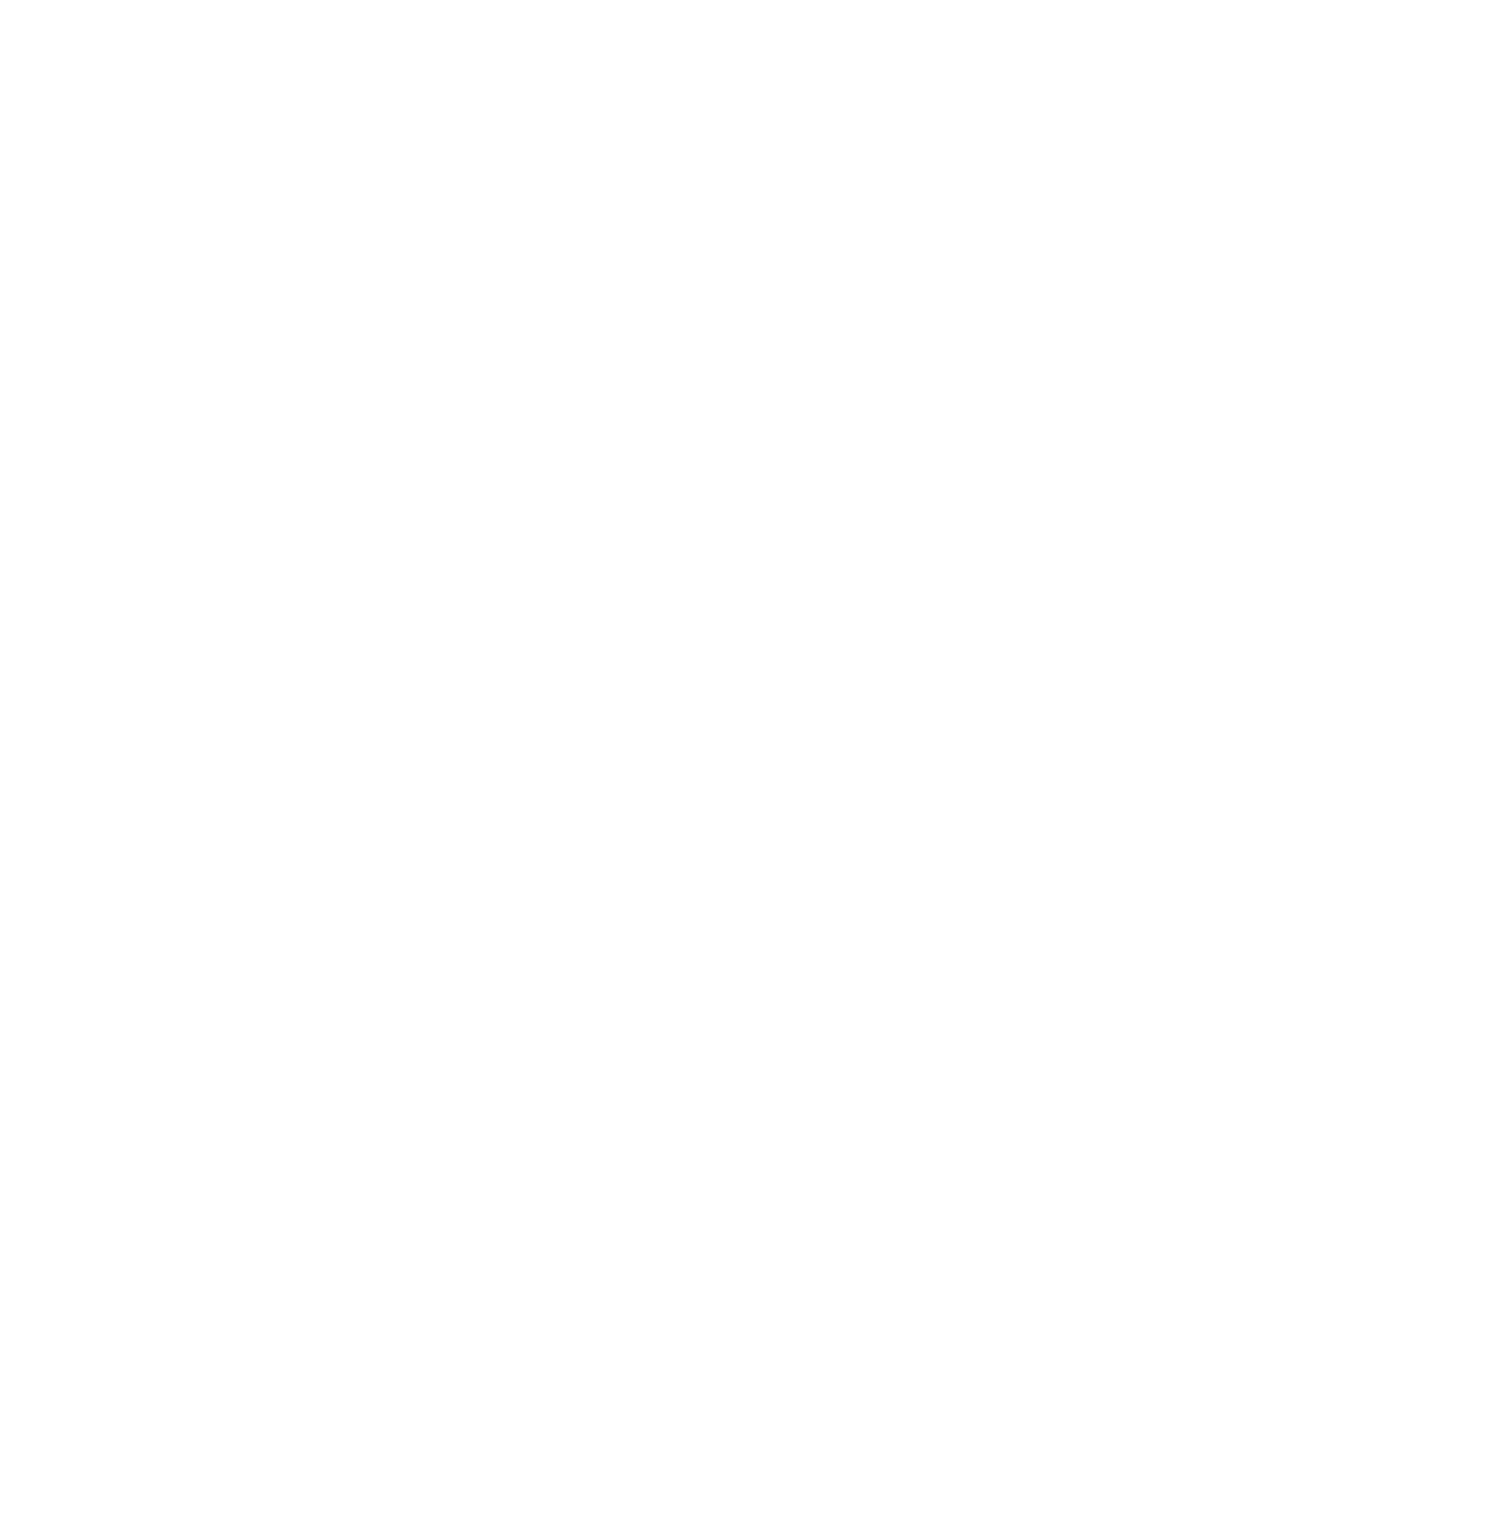 madang_sakai